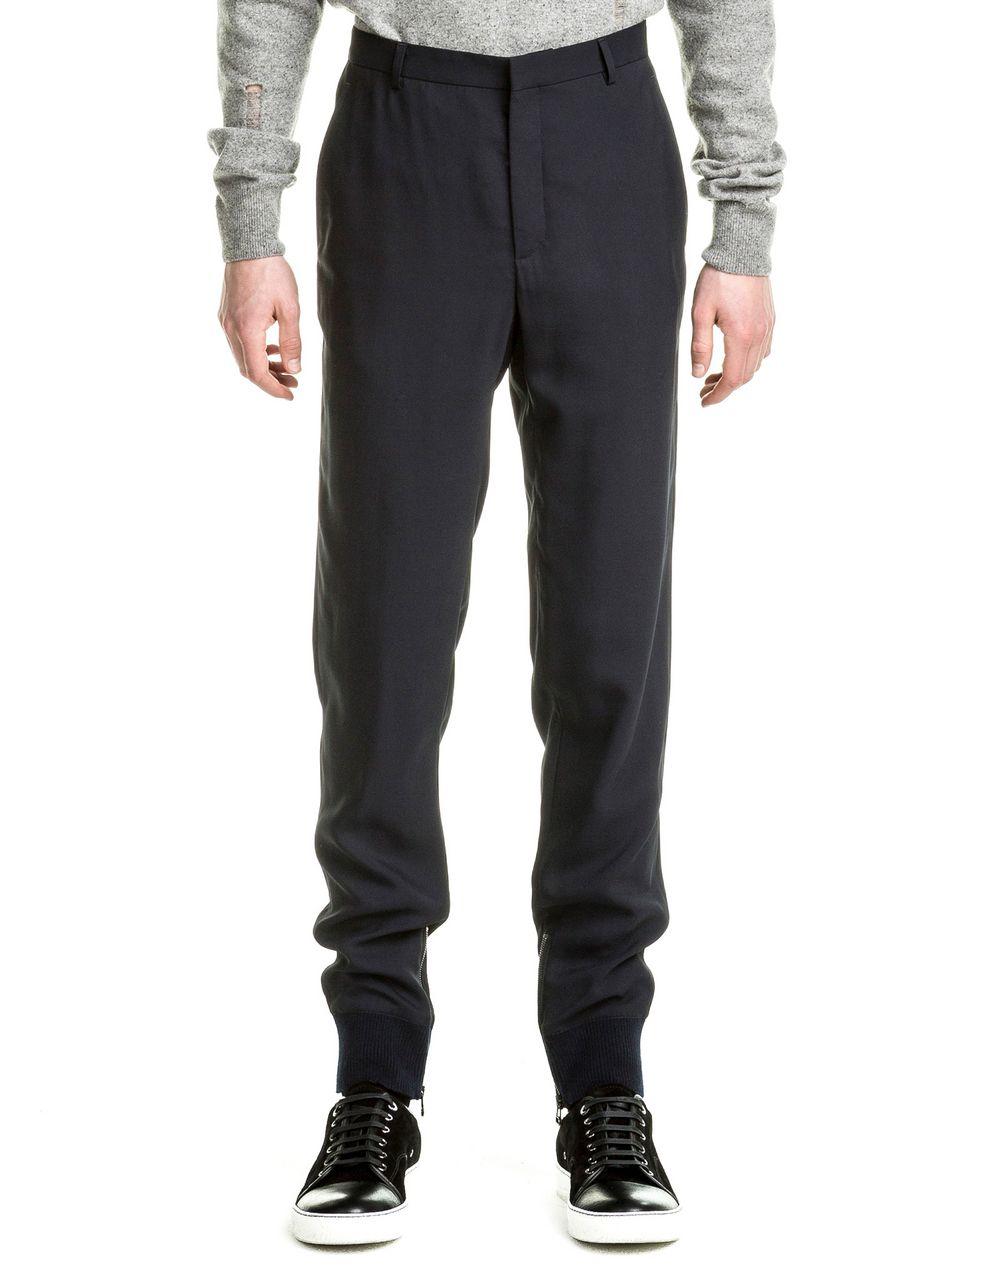 pantalon jogging fluide lanvin pantalon homme boutique en ligne lanvin. Black Bedroom Furniture Sets. Home Design Ideas